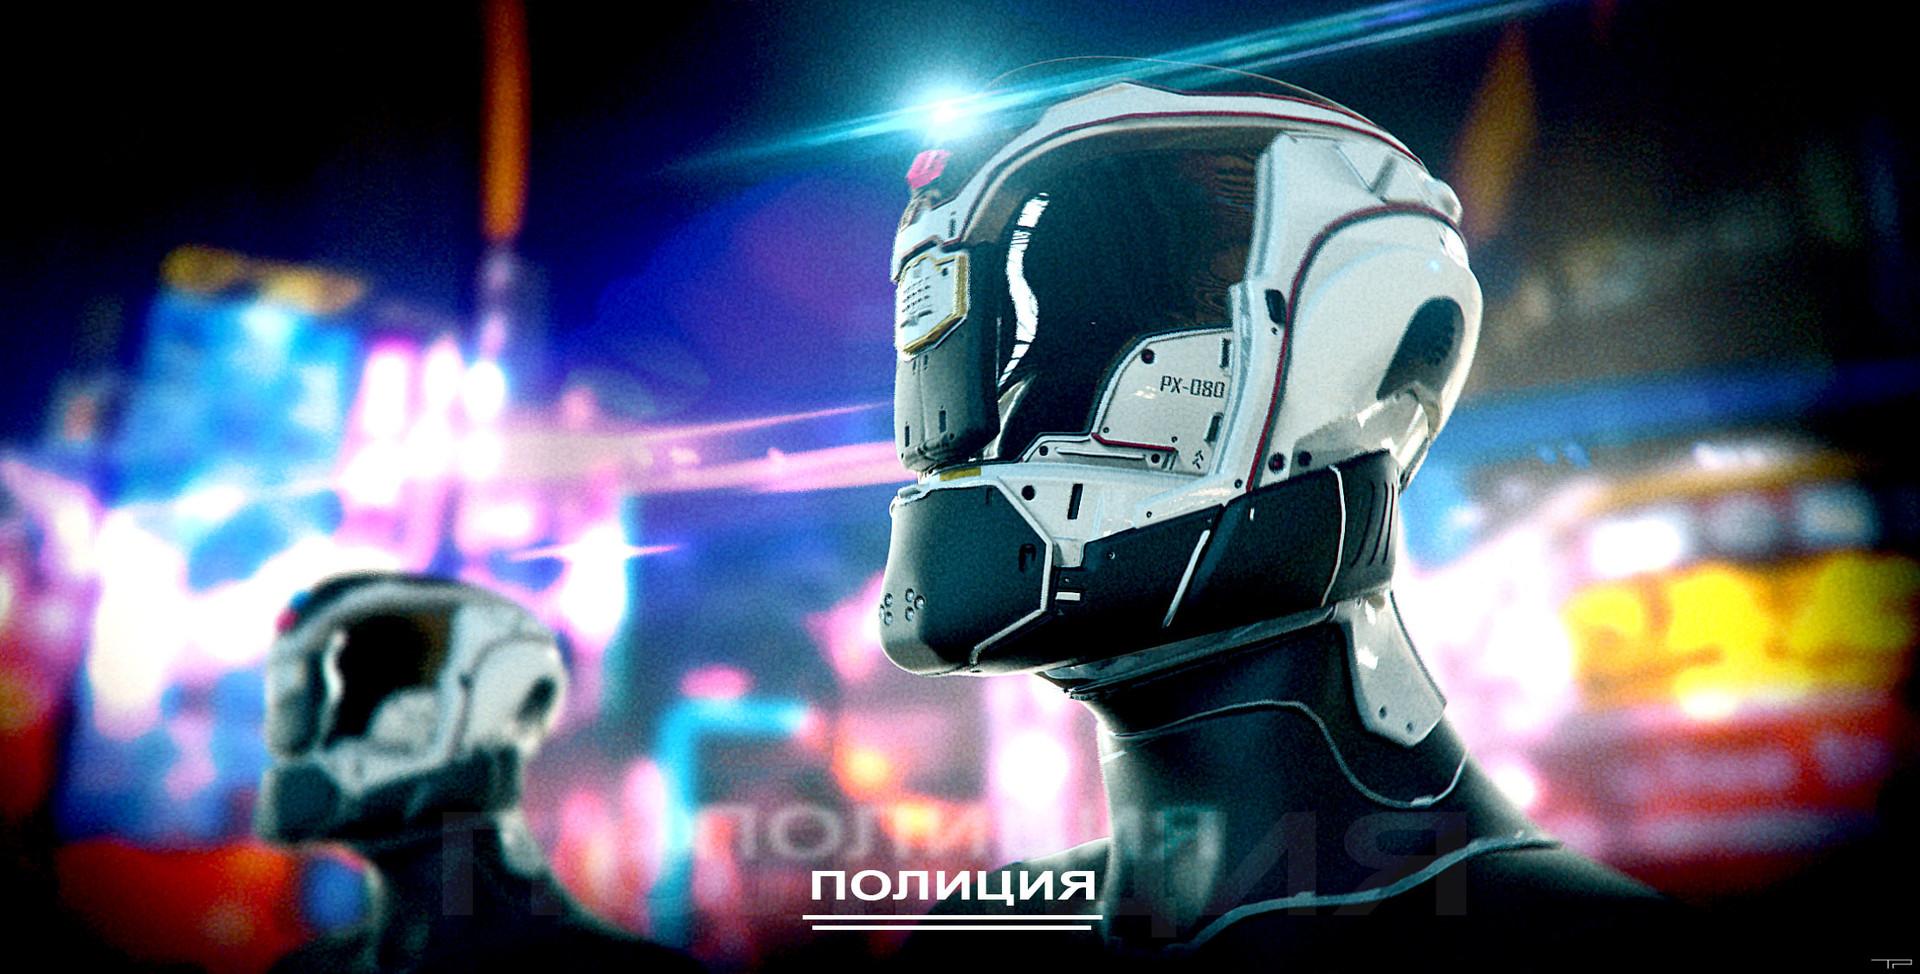 Cyberpunk Cops